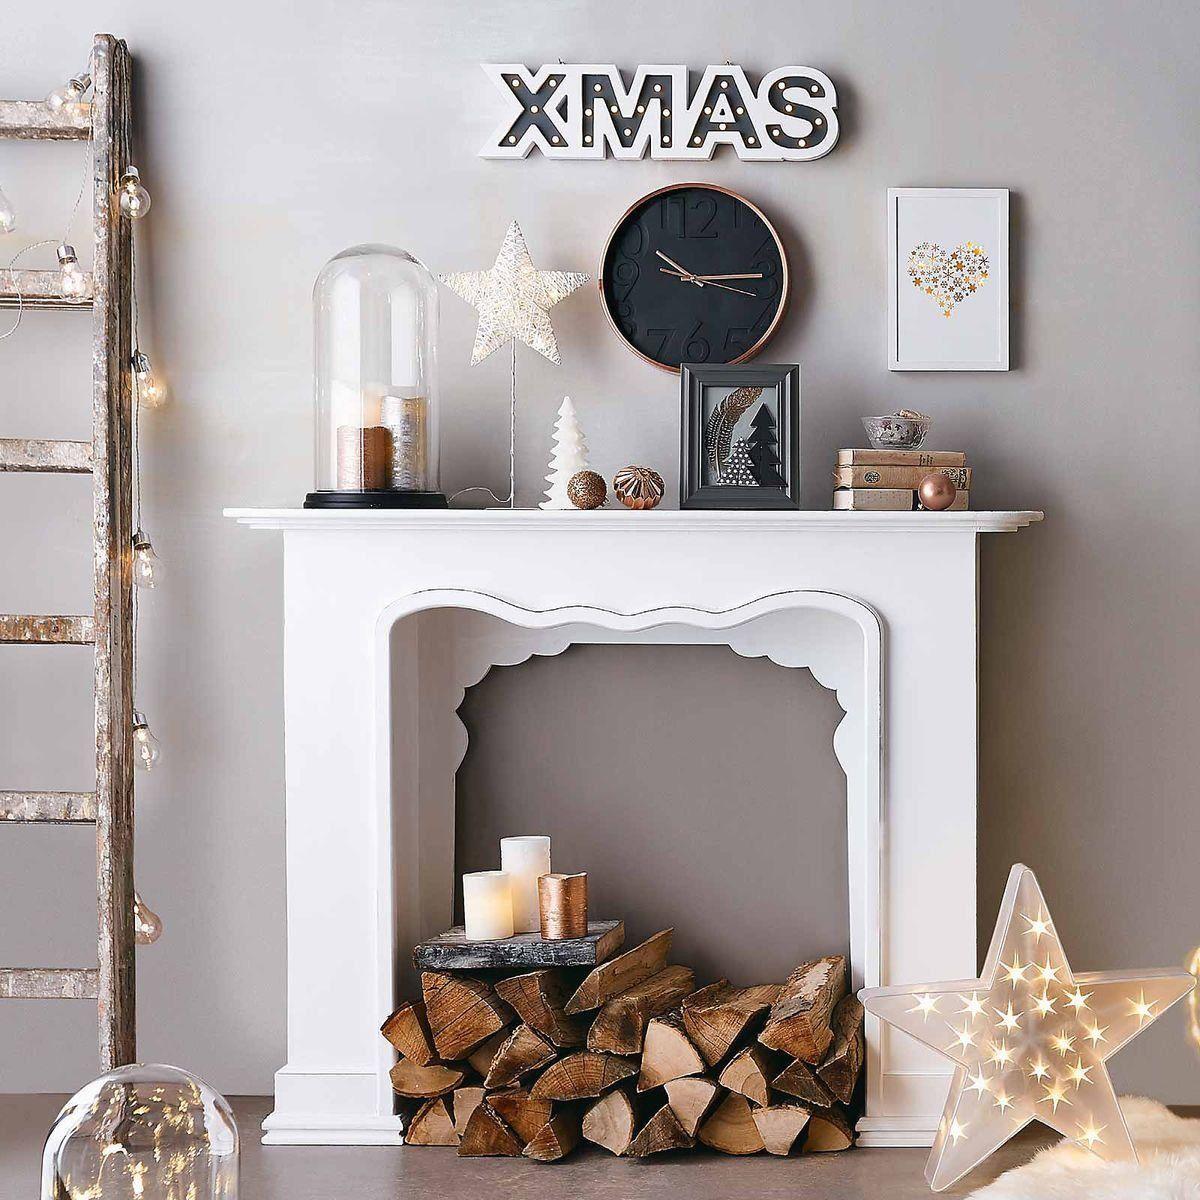 Kaminkonsole,130x30x100cm, weiß 1000 in 2020 Fireplace